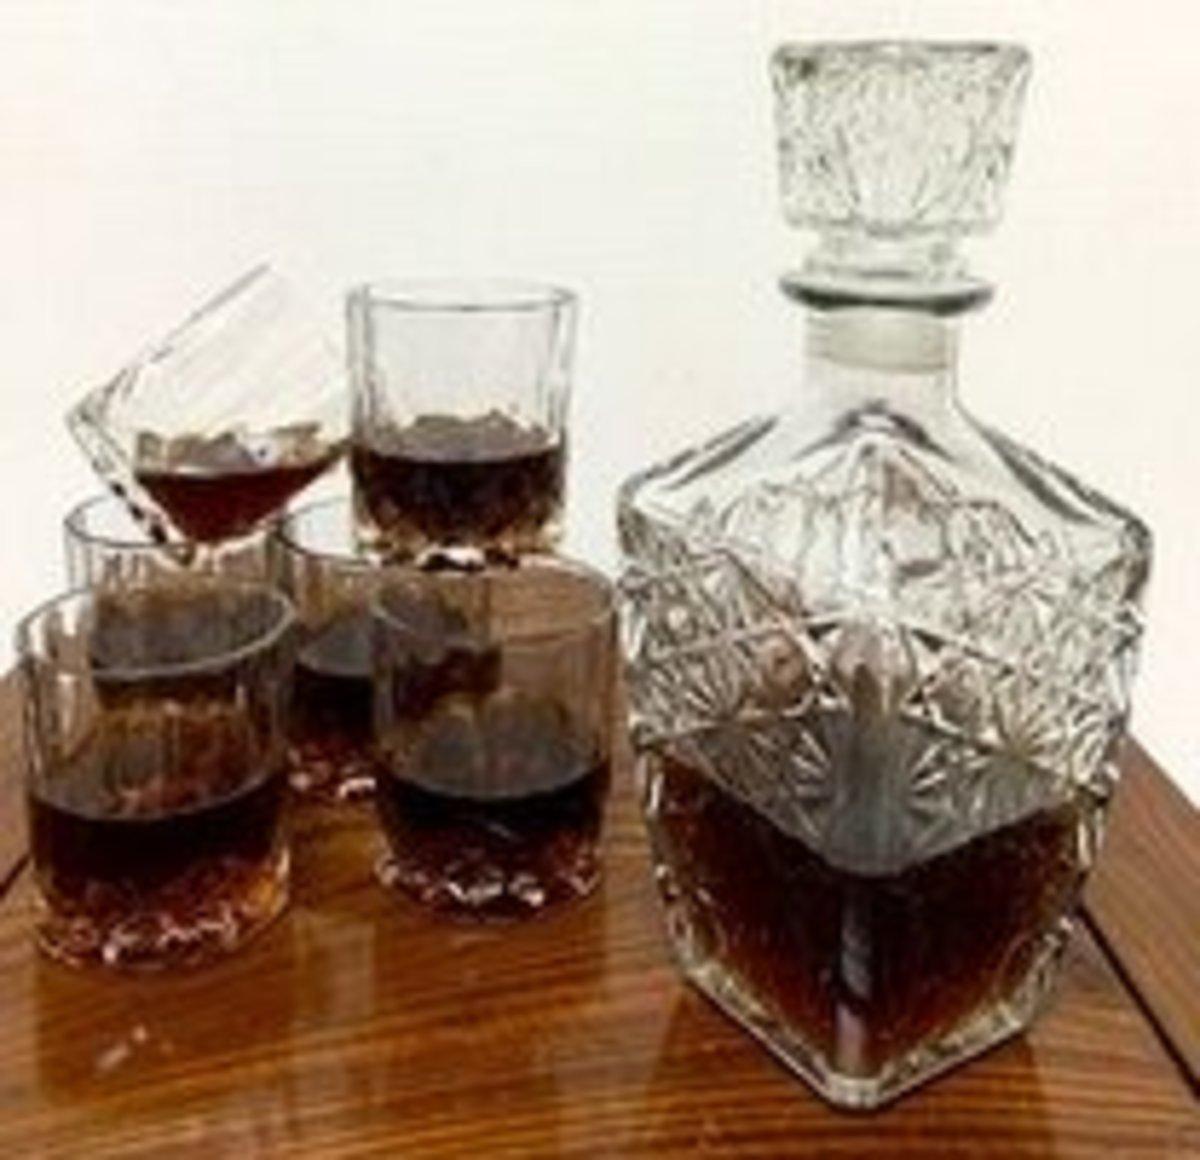 水晶醒酒器套裝1000ml(鑽石瓶+6個酒杯)#908_00003A